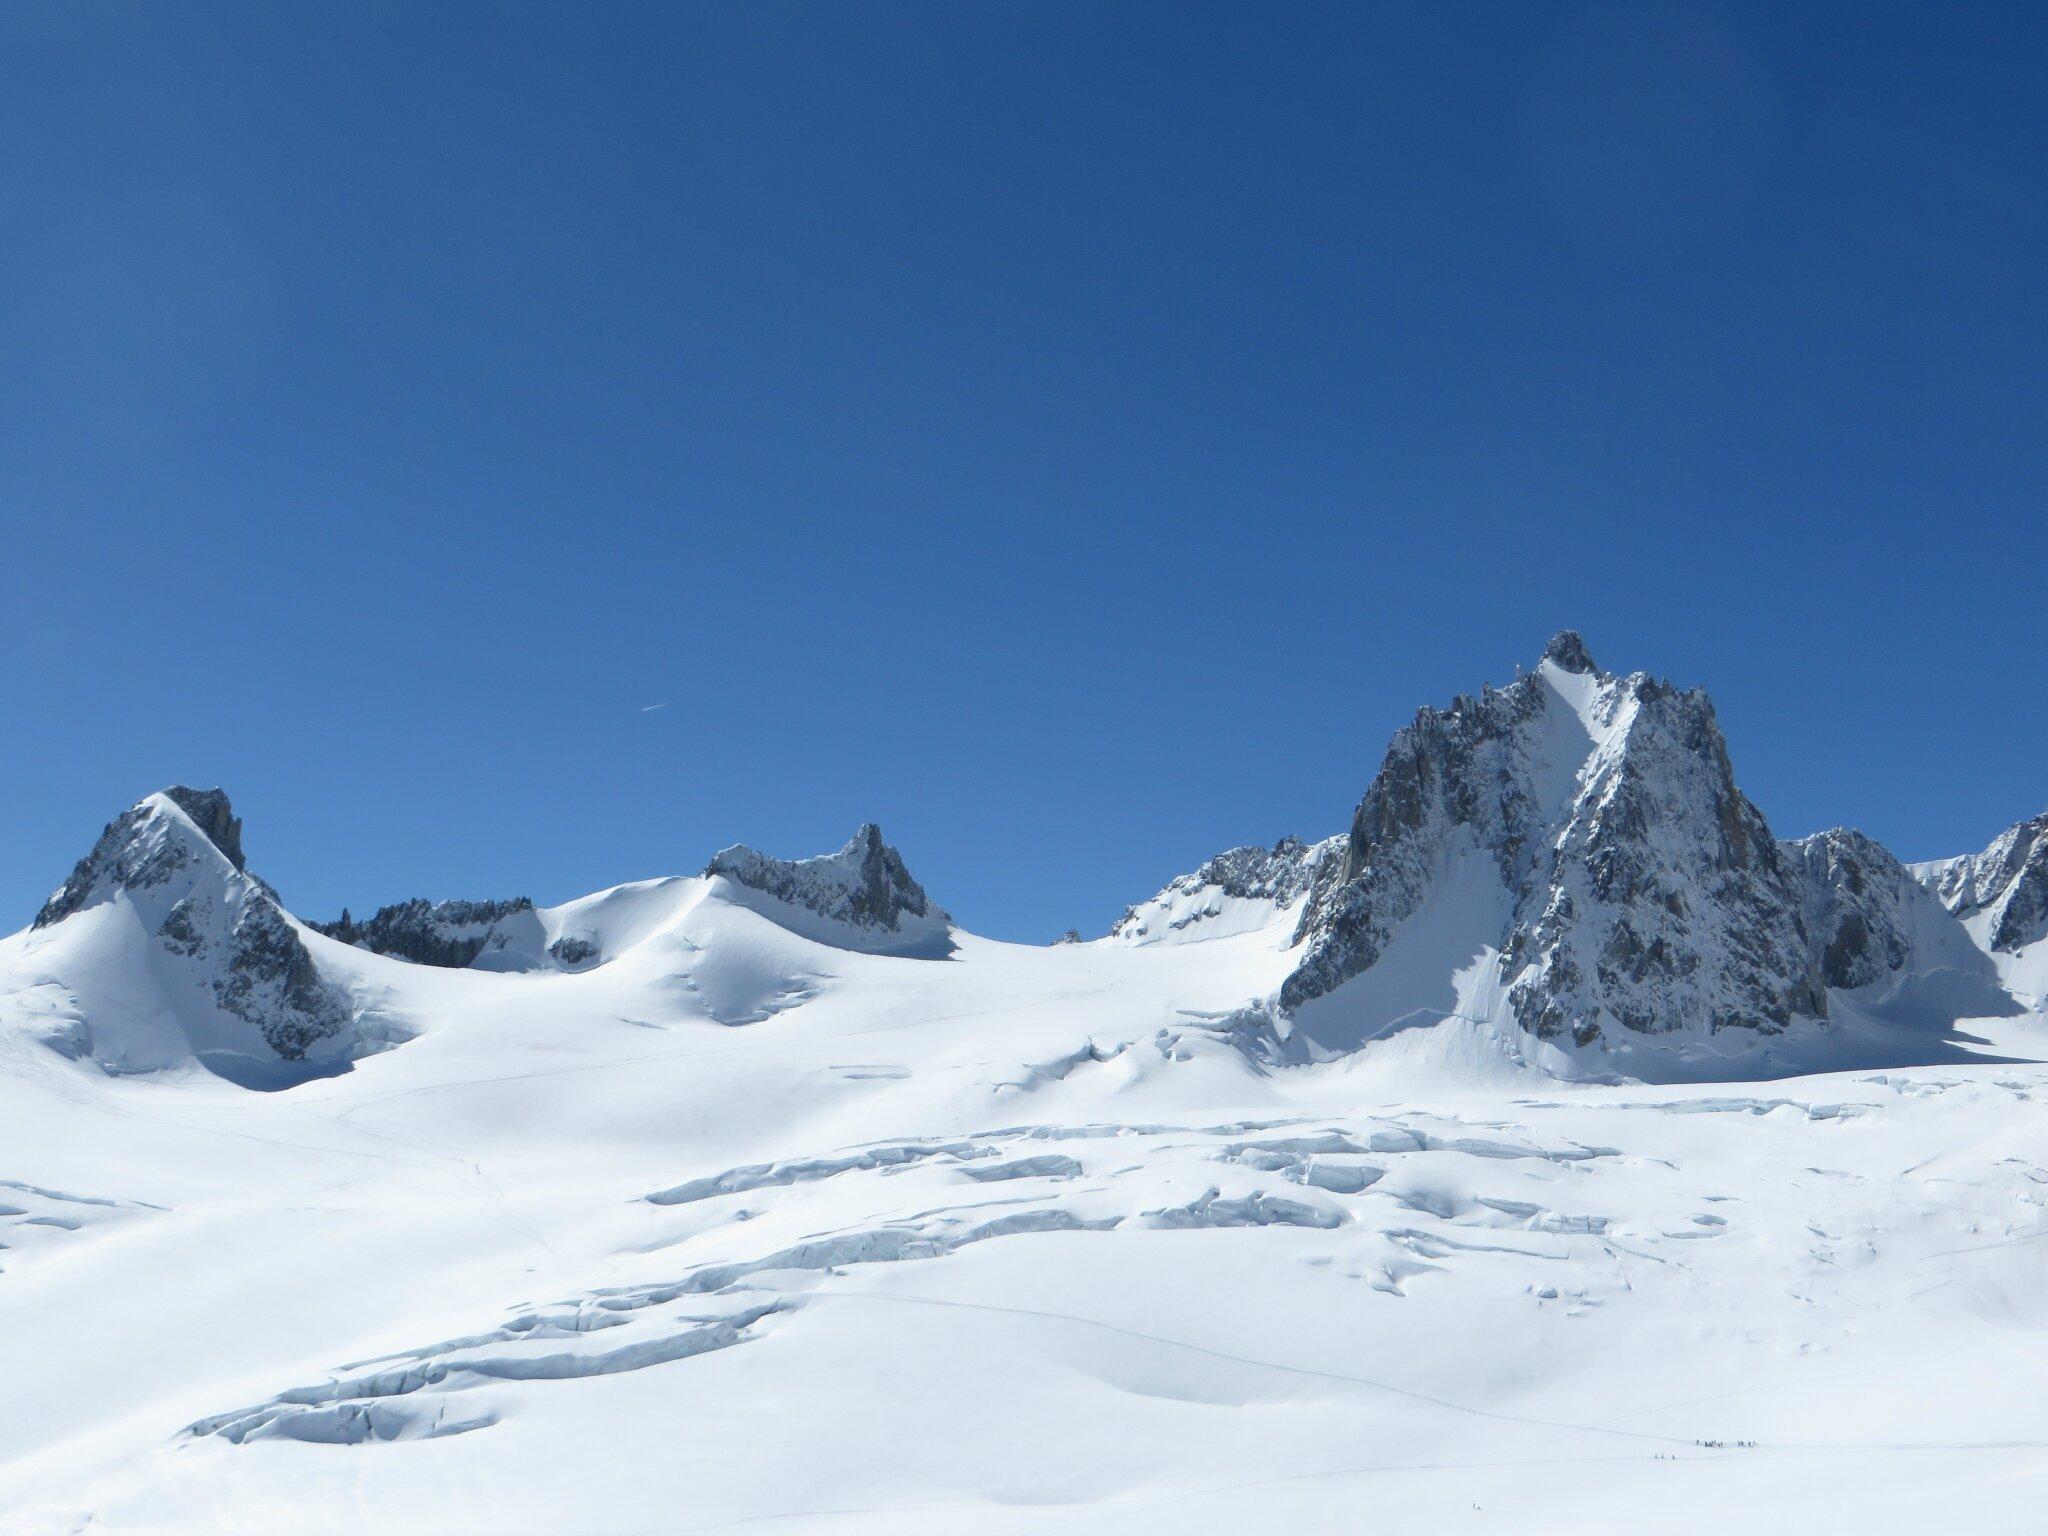 La neige, la poudreuse, la Vallée Blanche